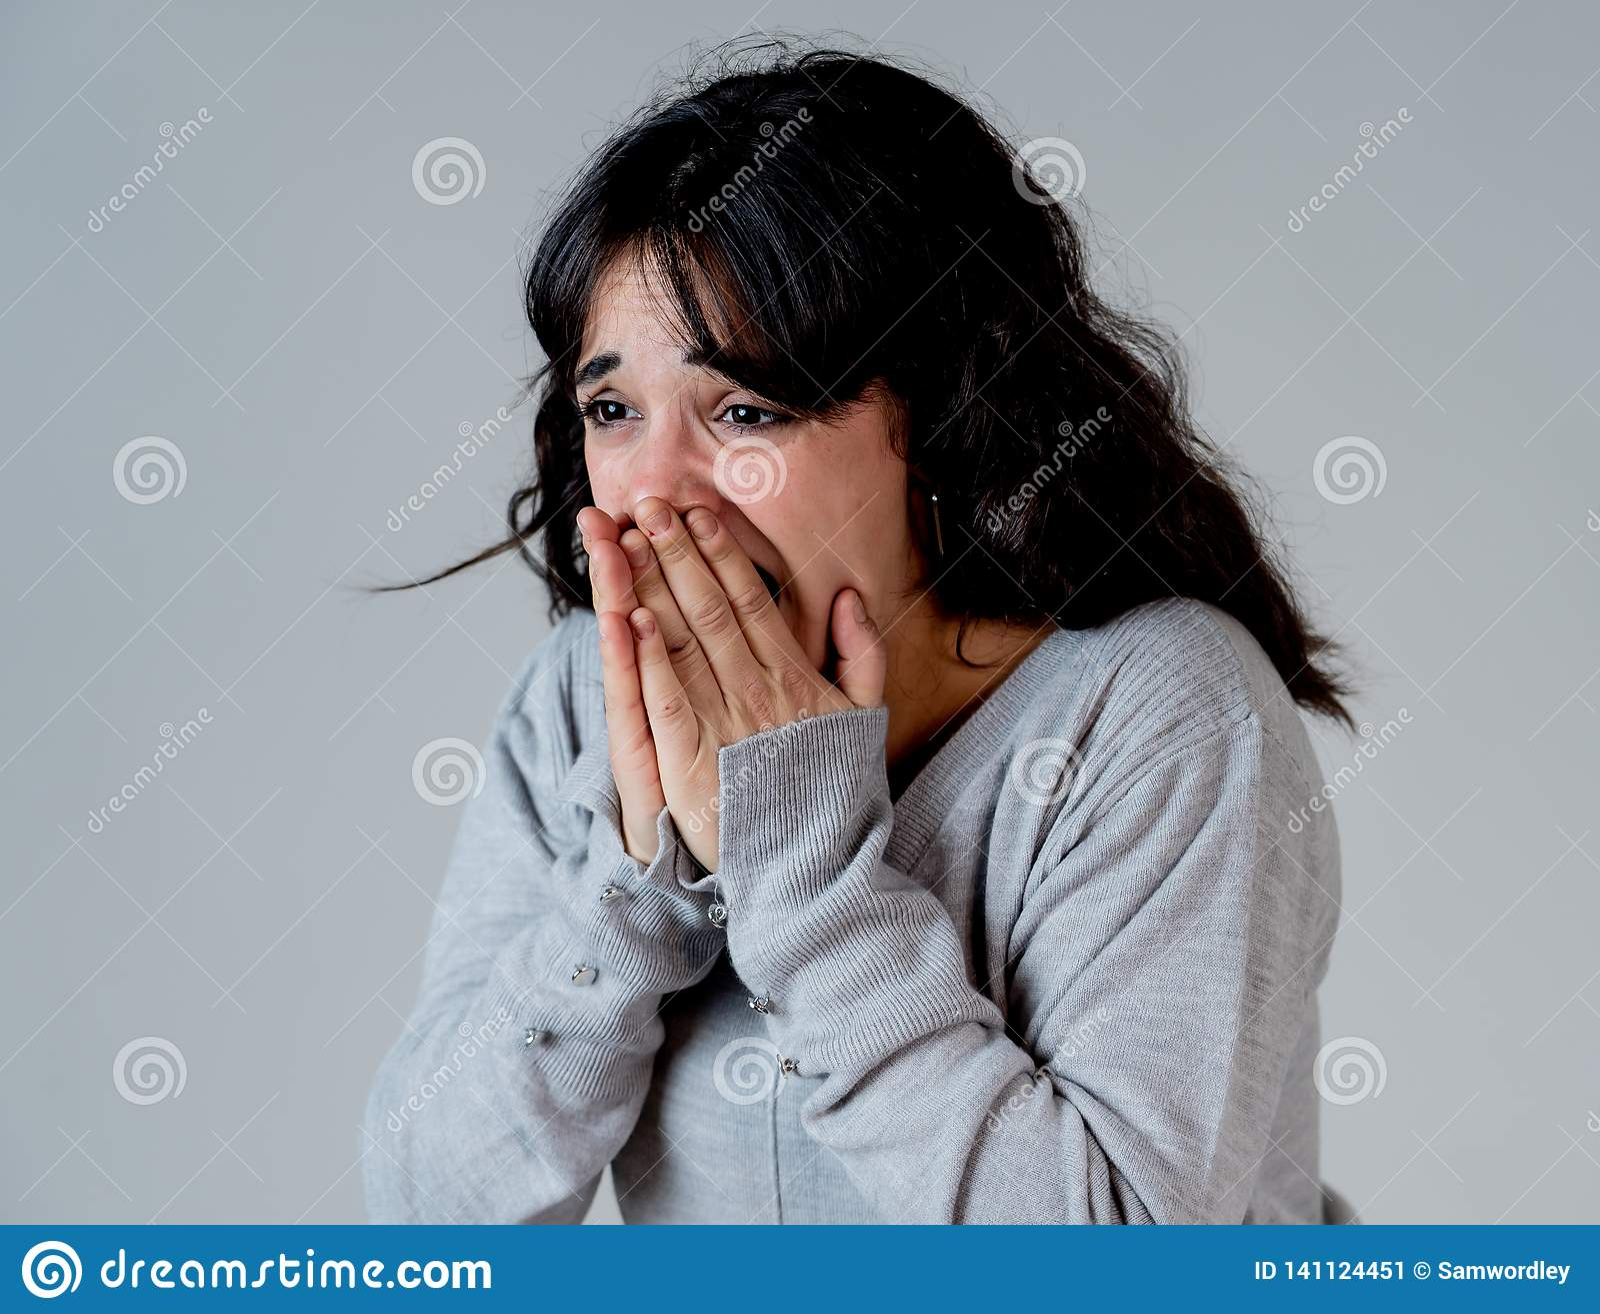 Expressões e emoções humanas mulher atrativa nova que olha assustado e chocada